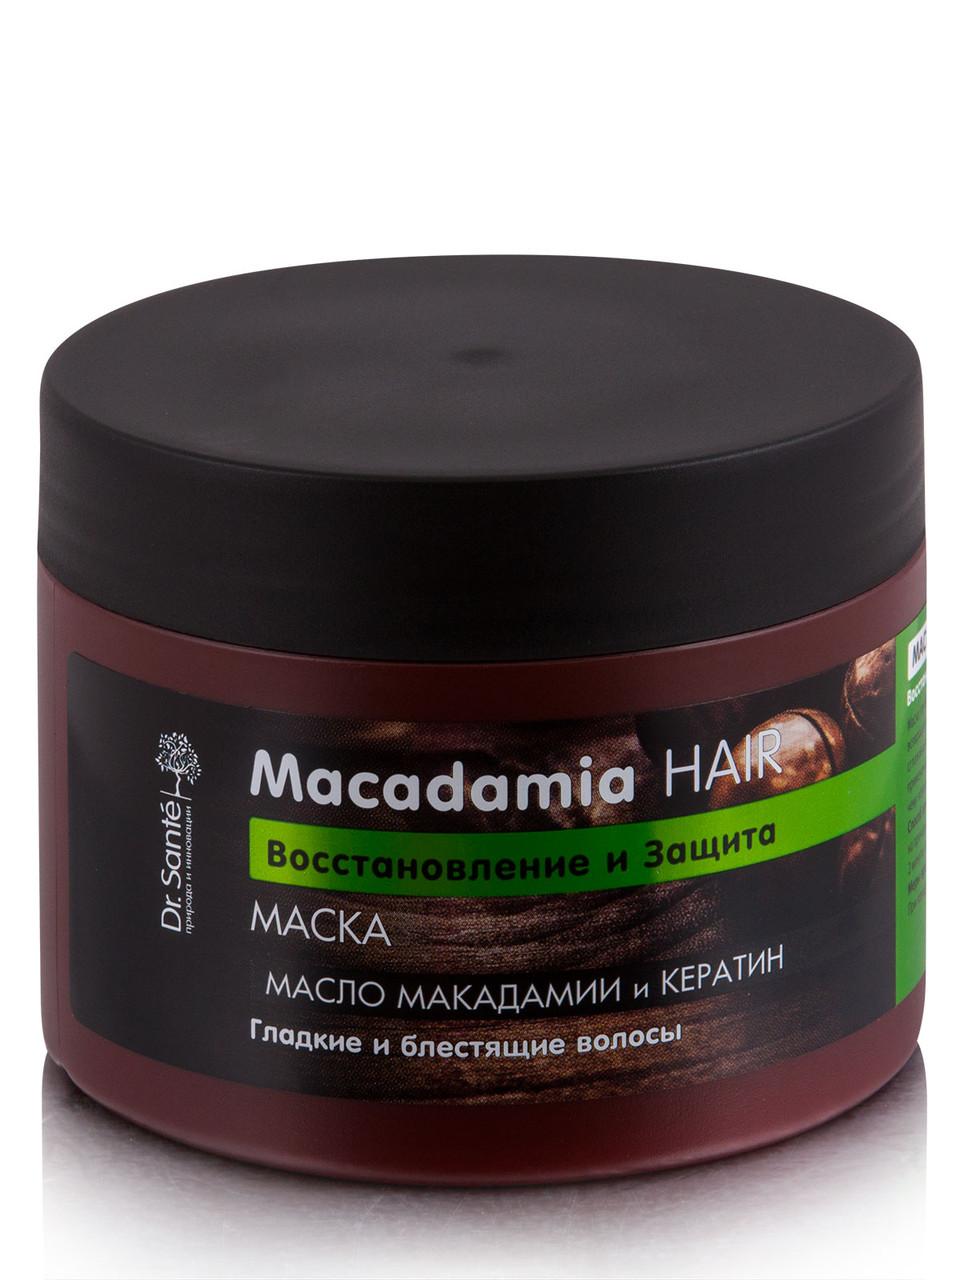 """Маска для волос """"Восстановление и Защита"""" с маслом макадамии и кератином Dr. Sante Macadamia Hair, 300мл."""